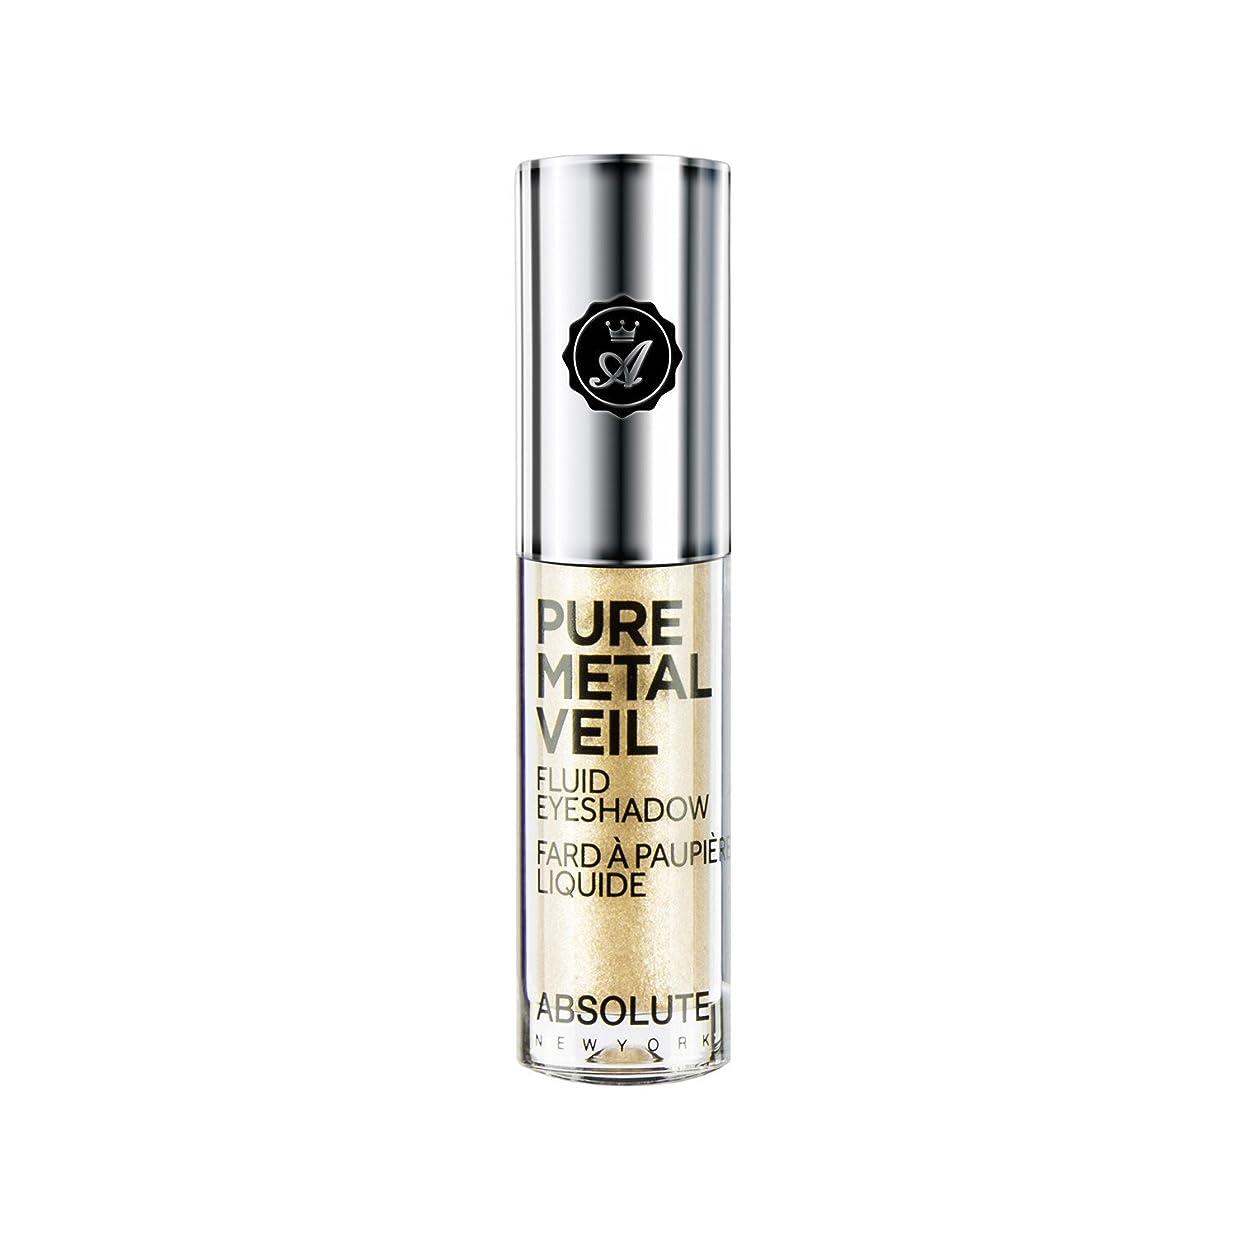 団結するぞっとするようなそんなに(6 Pack) ABSOLUTE Pure Metal Veil Fluid Eyeshadow - Trust Fund (並行輸入品)